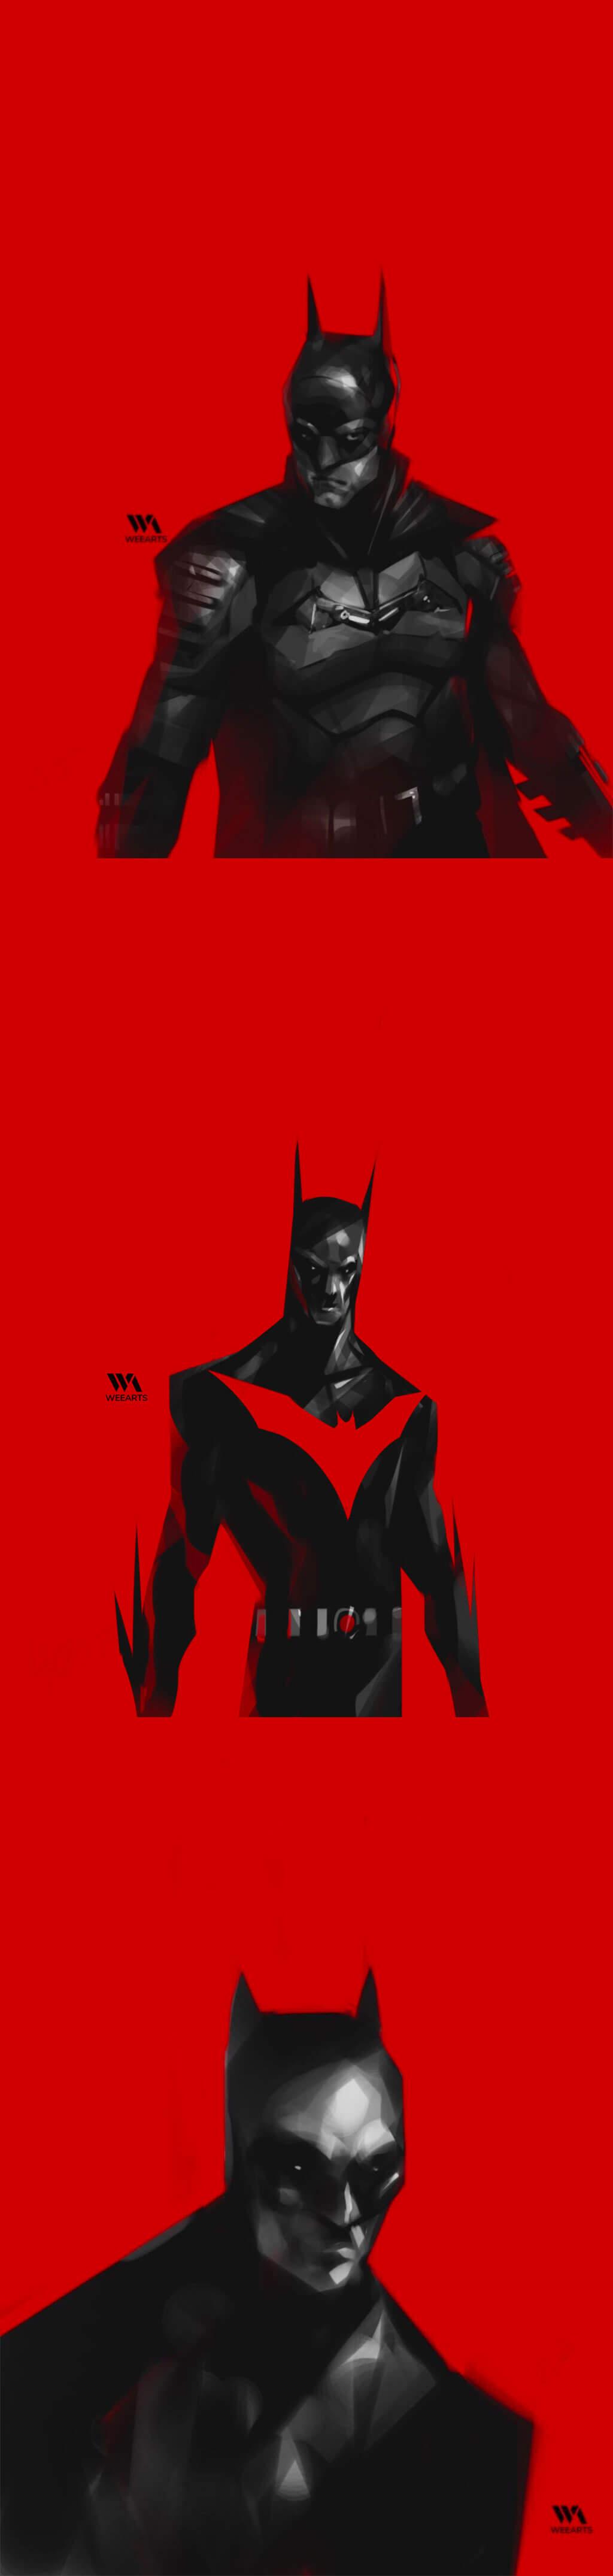 Batman Fan Art by Huy Dinh